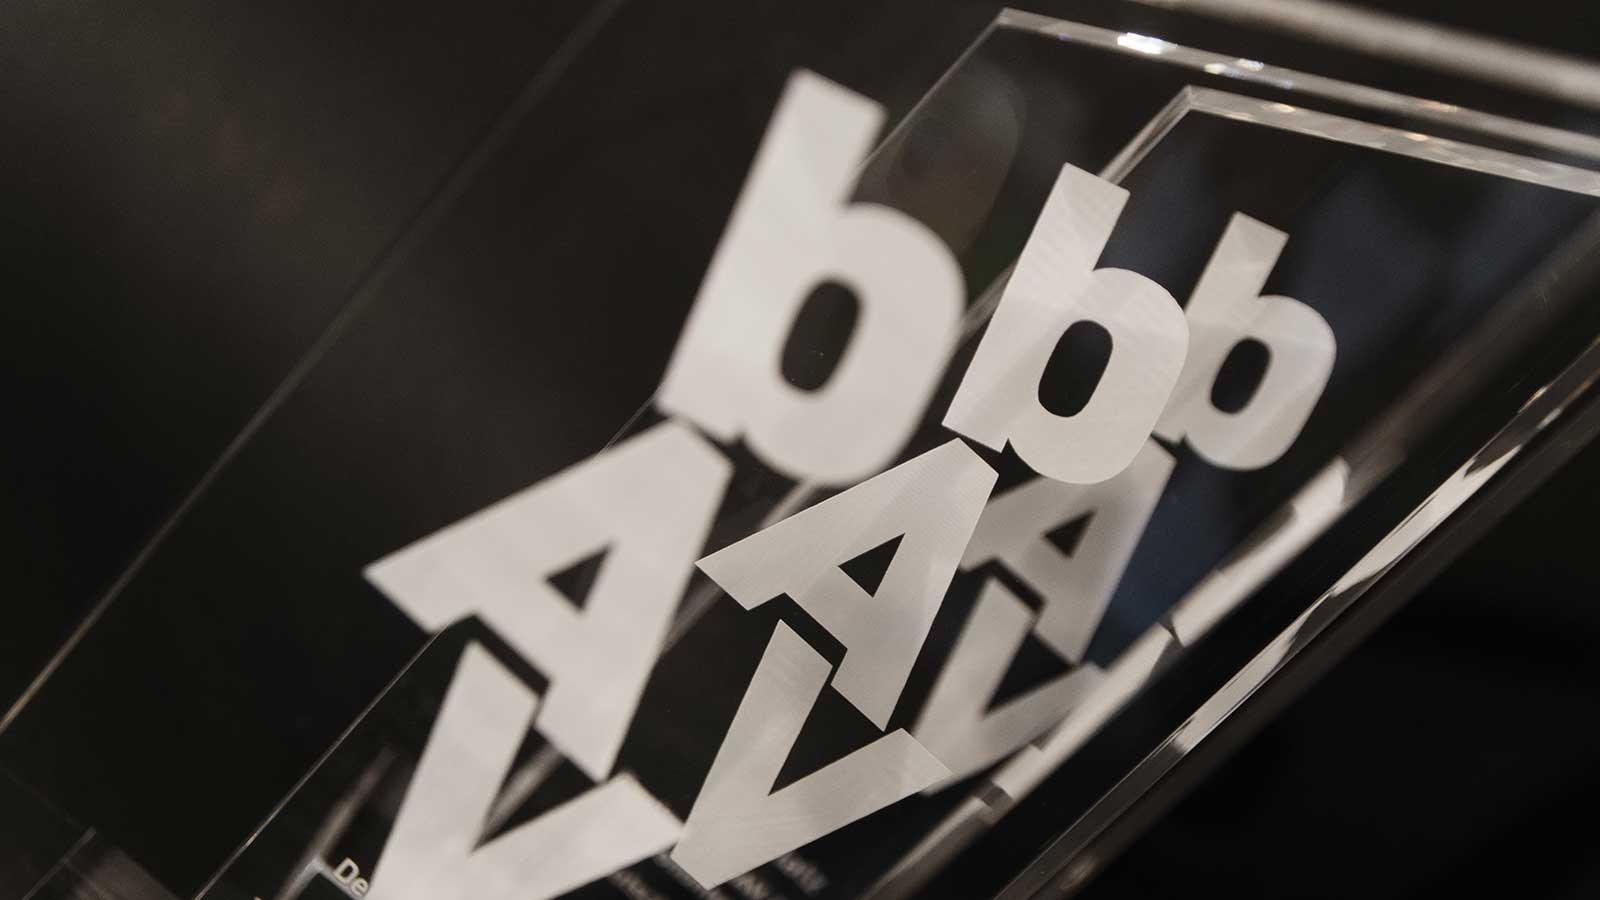 Deutscher bAV-Preis 2015